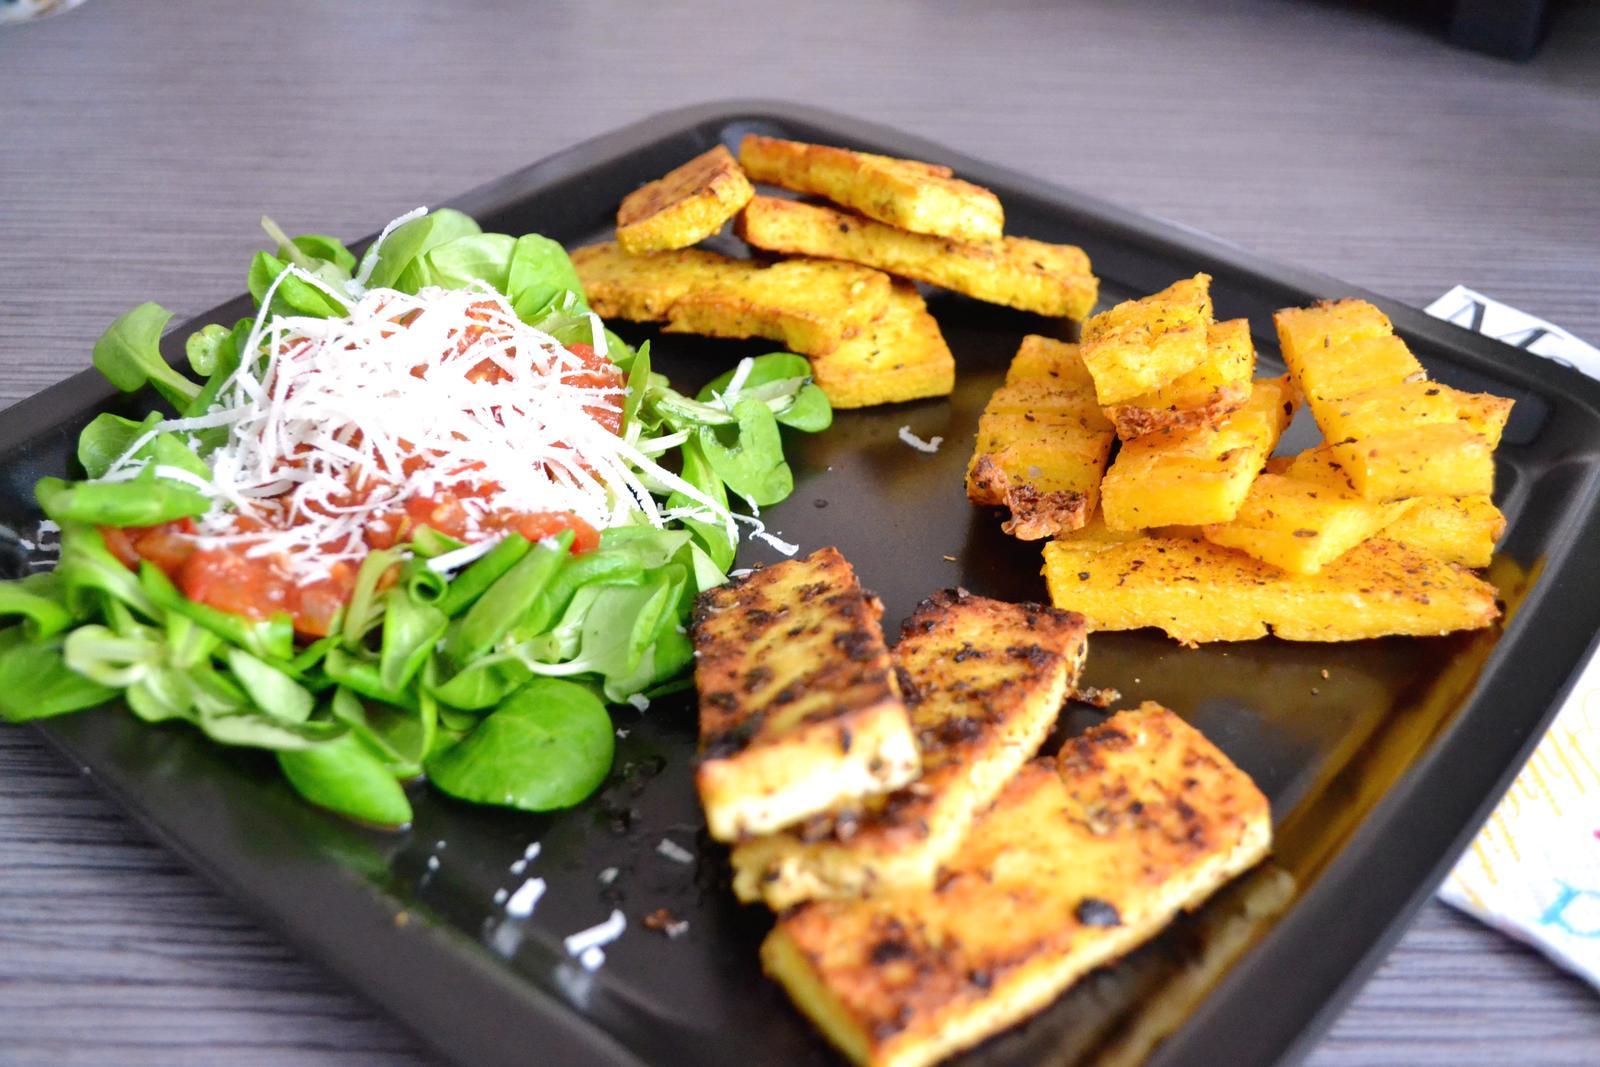 Upečeno a uvařeno u nás doma - Tofu s kari, tofu s římským kmínem, polentové hranolky a salát z polníčku s rajčaty dušenými na portském víně